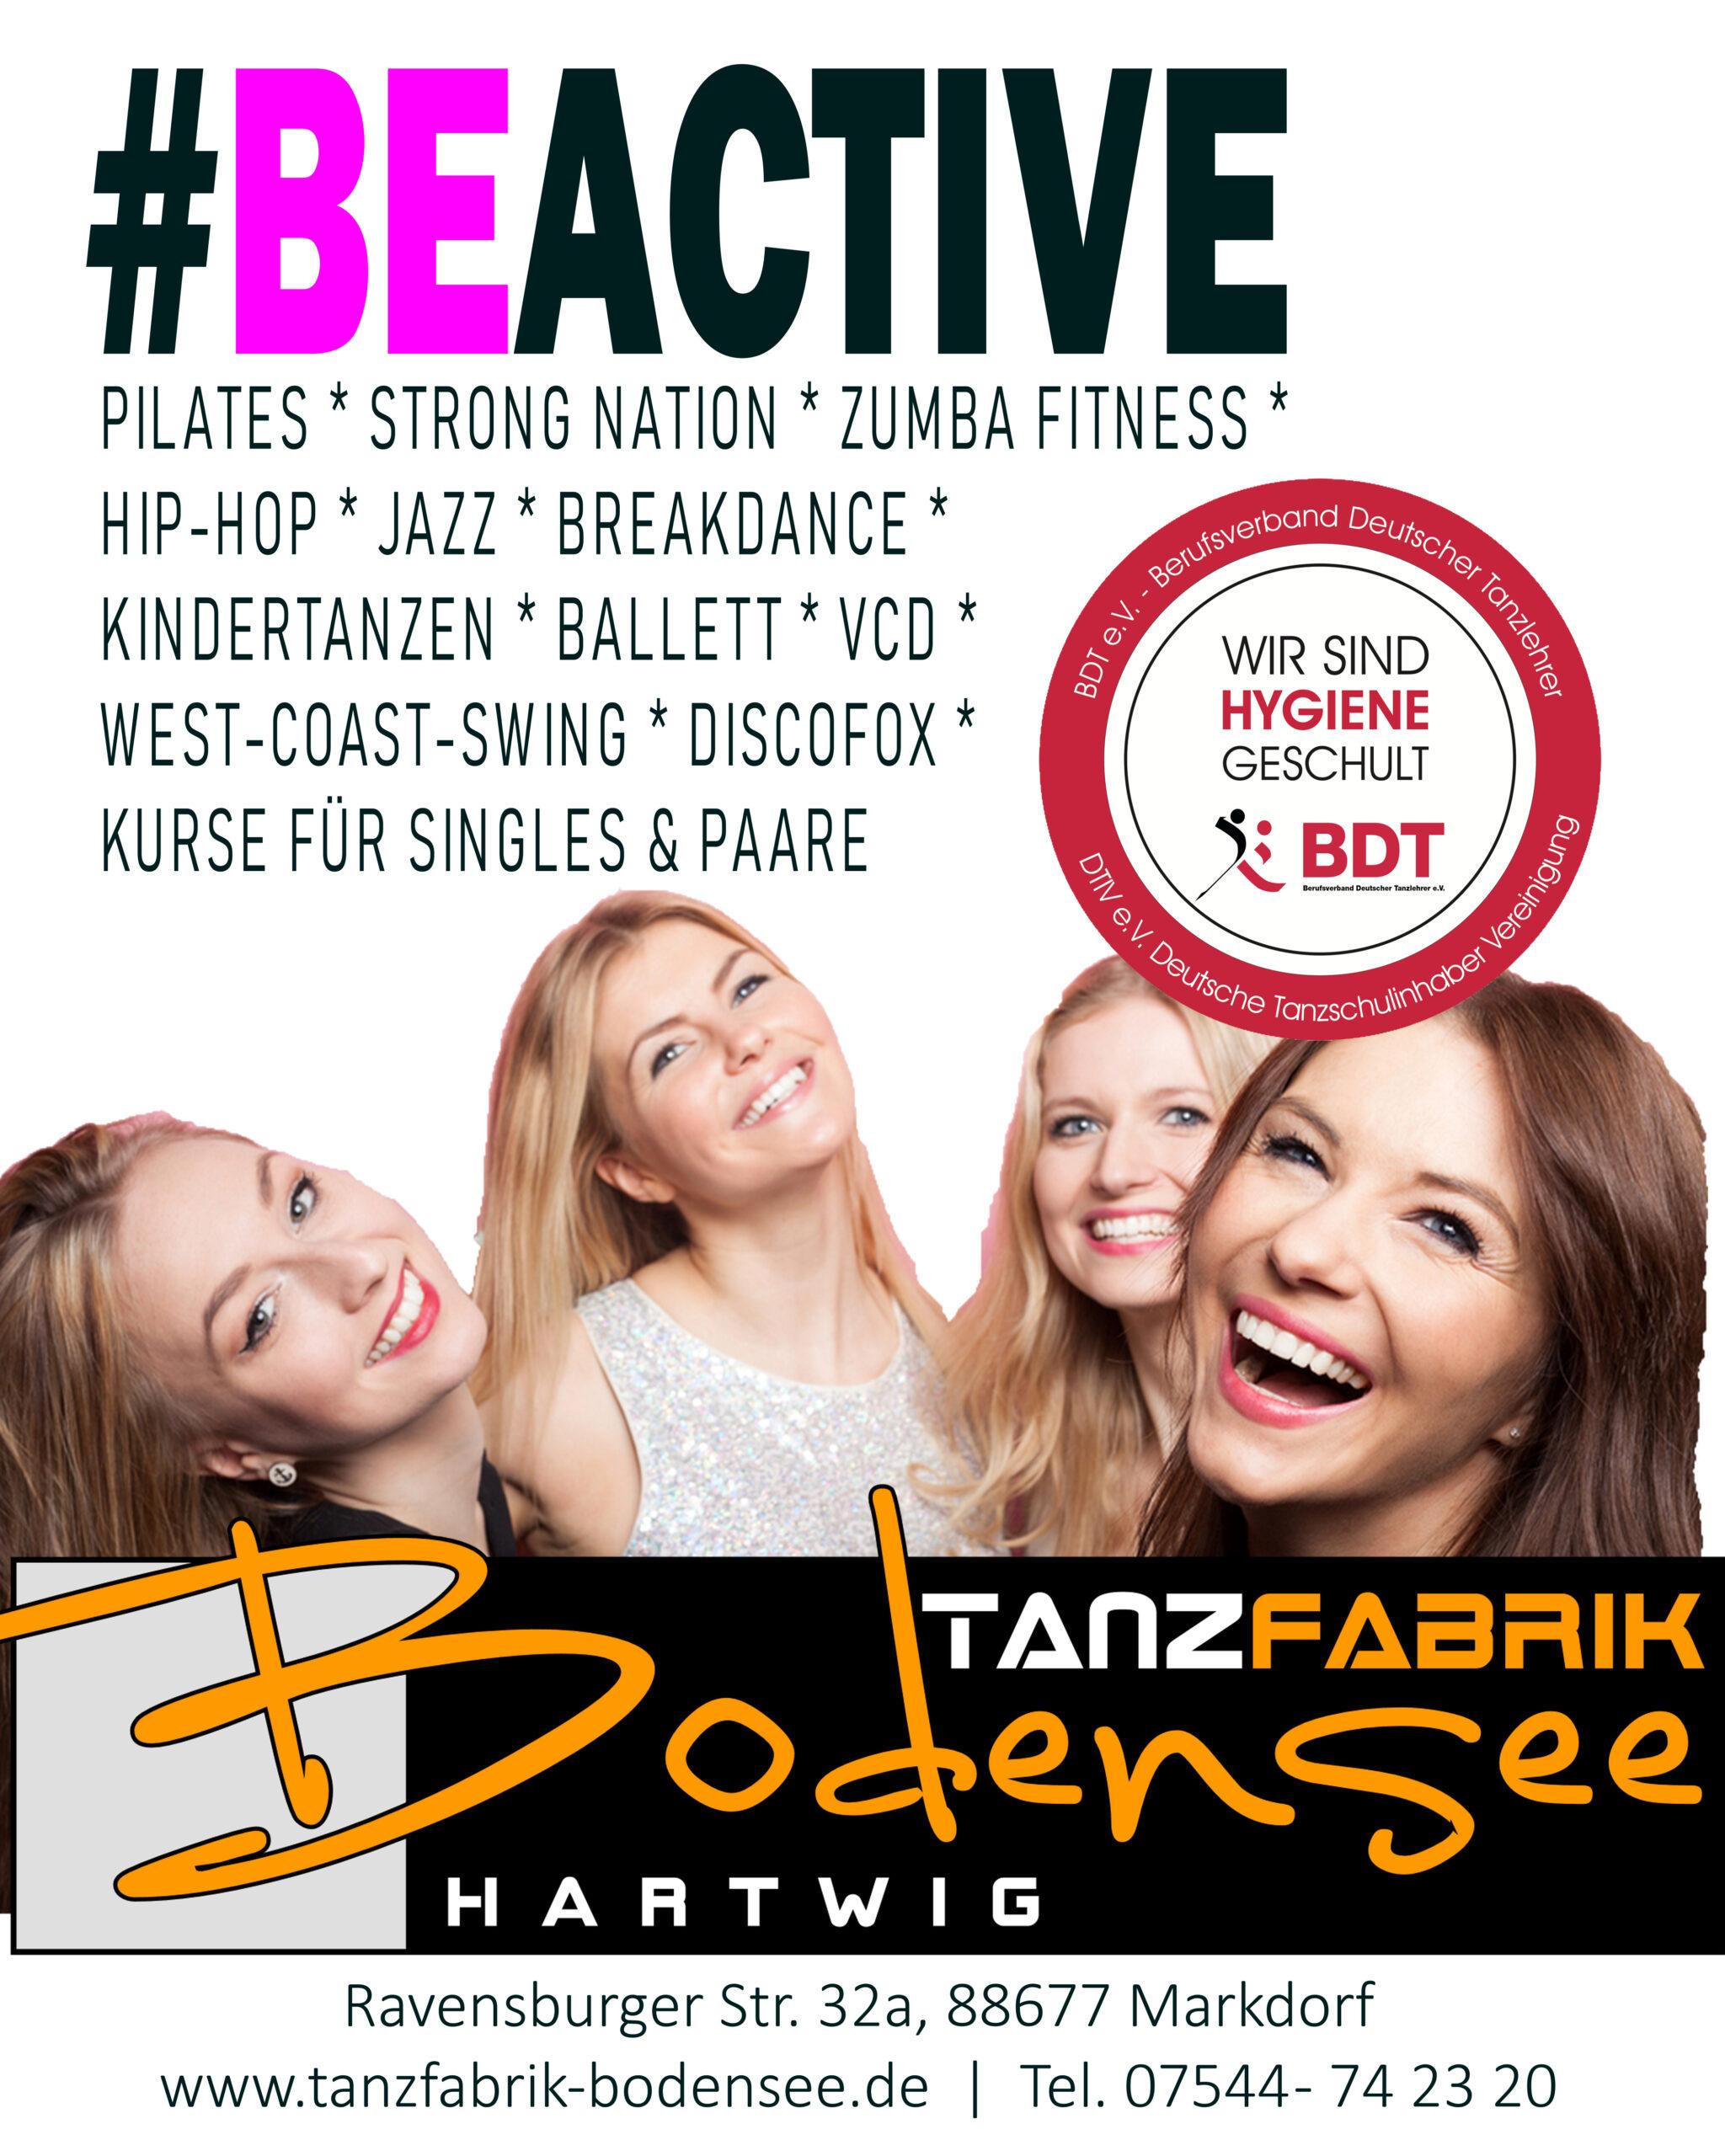 #BEACTIVE / Aktivität / Bewegung